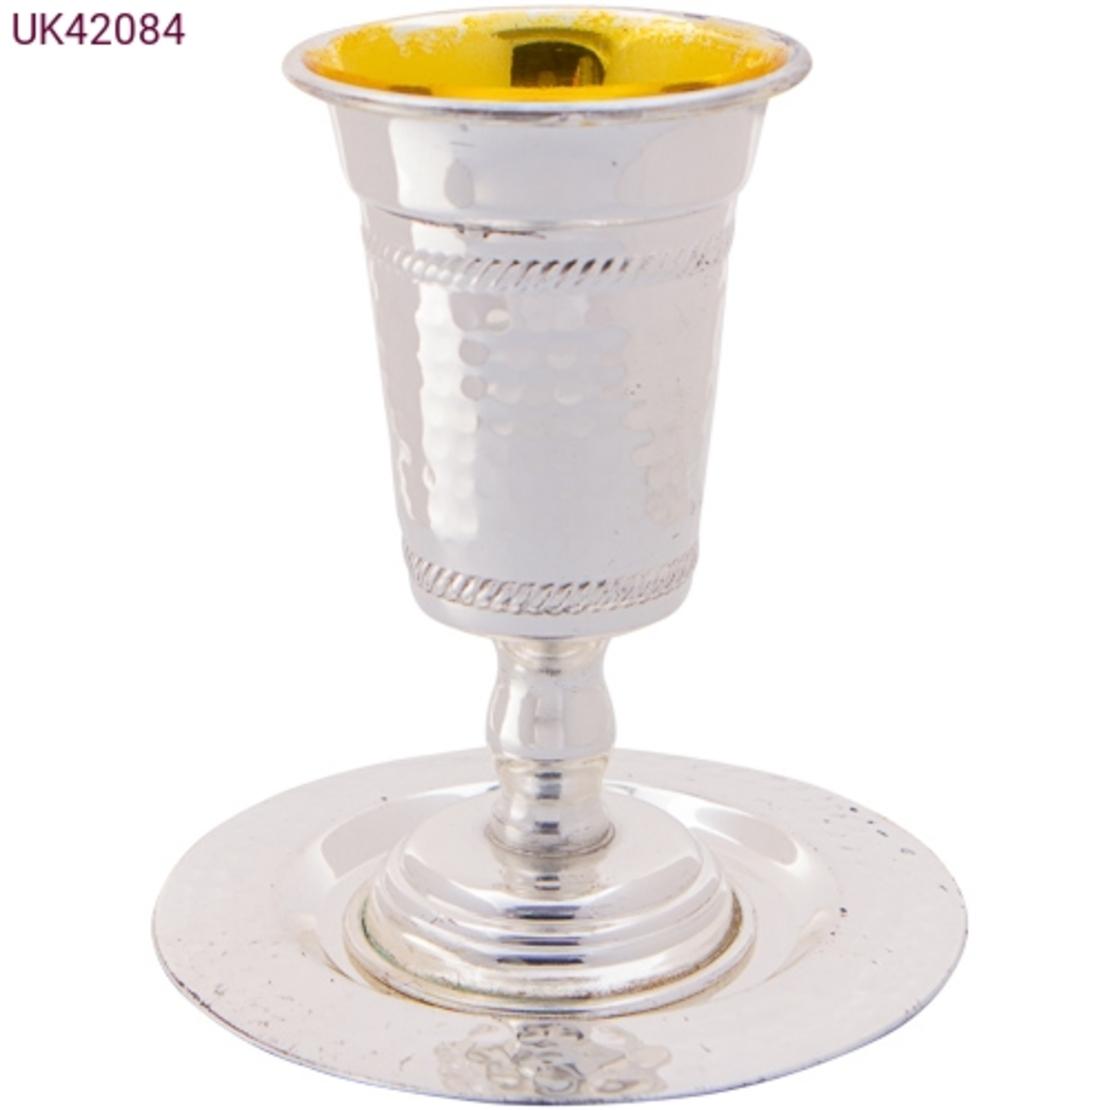 גביע קידוש ציפוי כסף עם רגל ותחתית